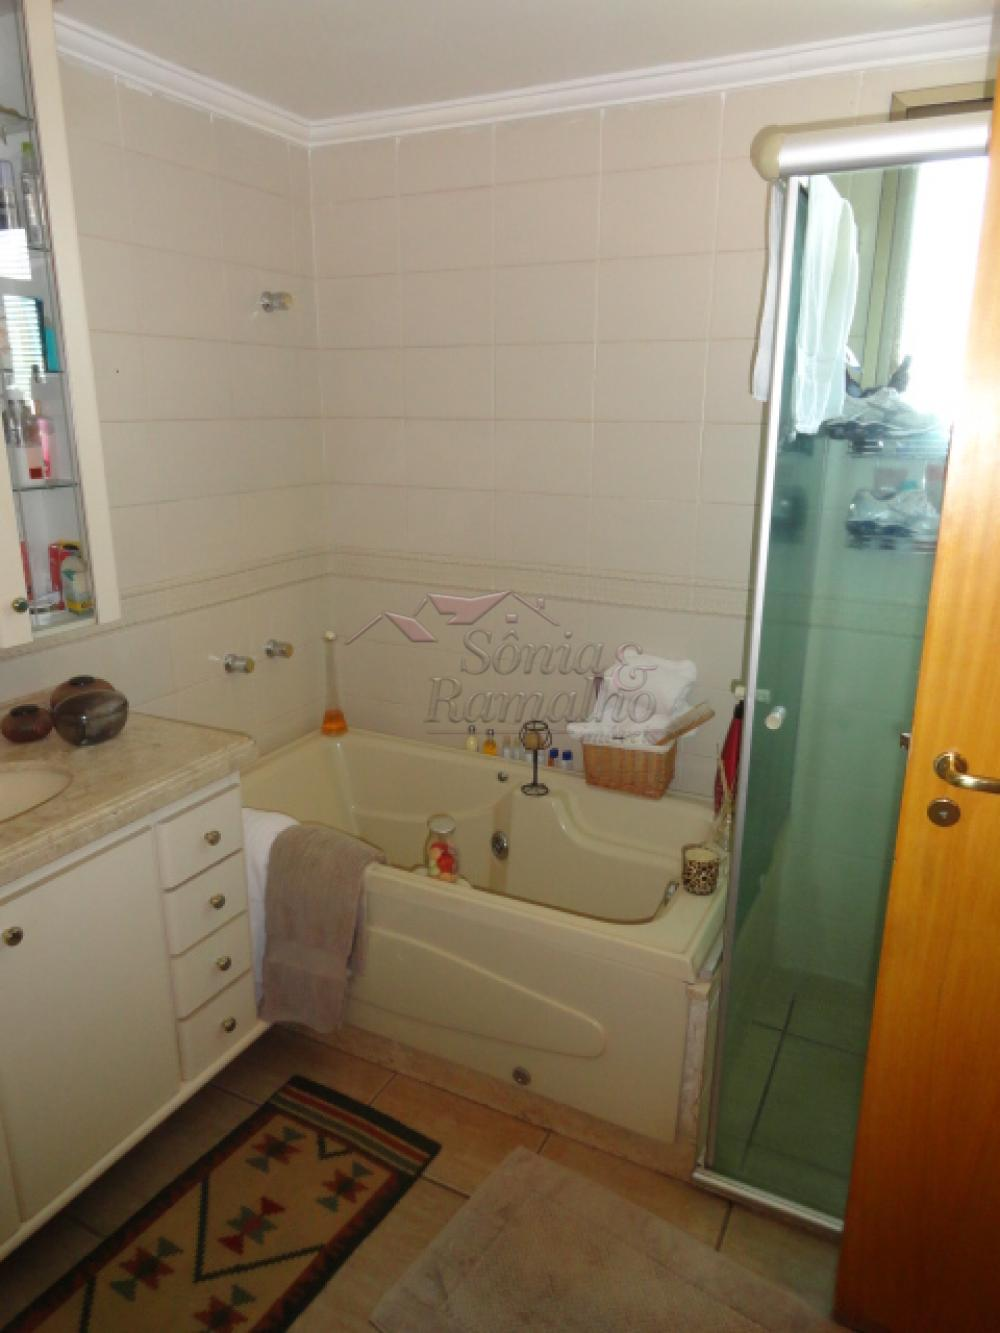 Alugar Apartamentos / Padrão em Ribeirão Preto apenas R$ 2.100,00 - Foto 18